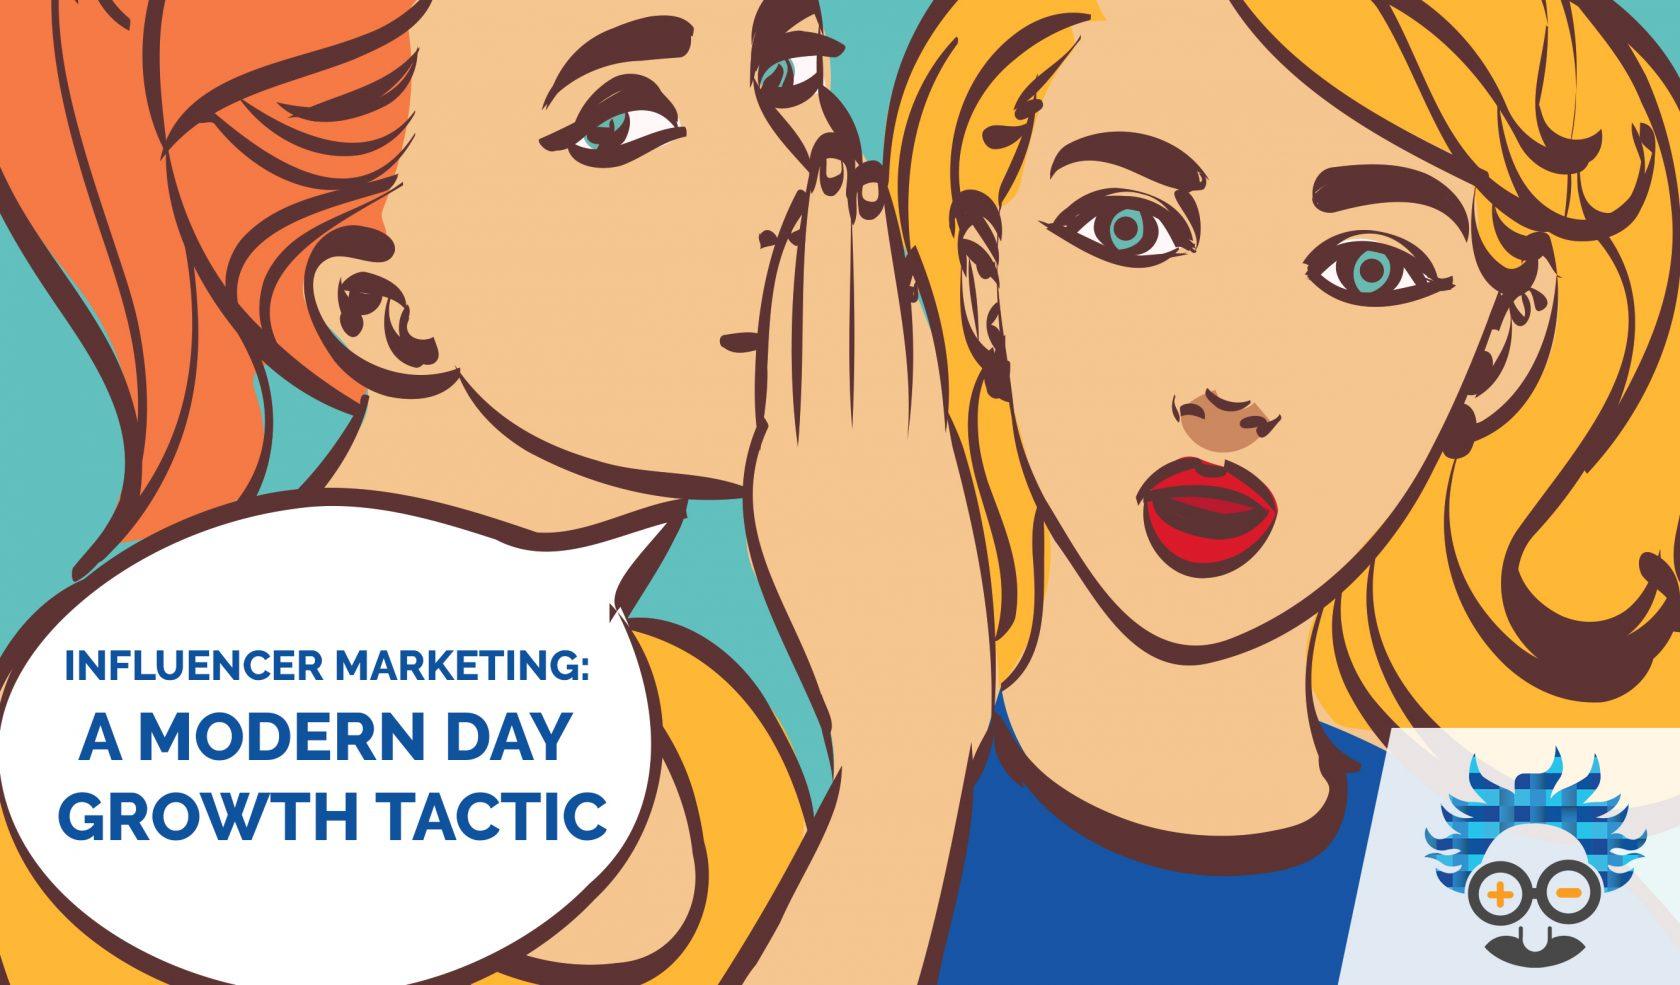 social media marketing influencer marketing